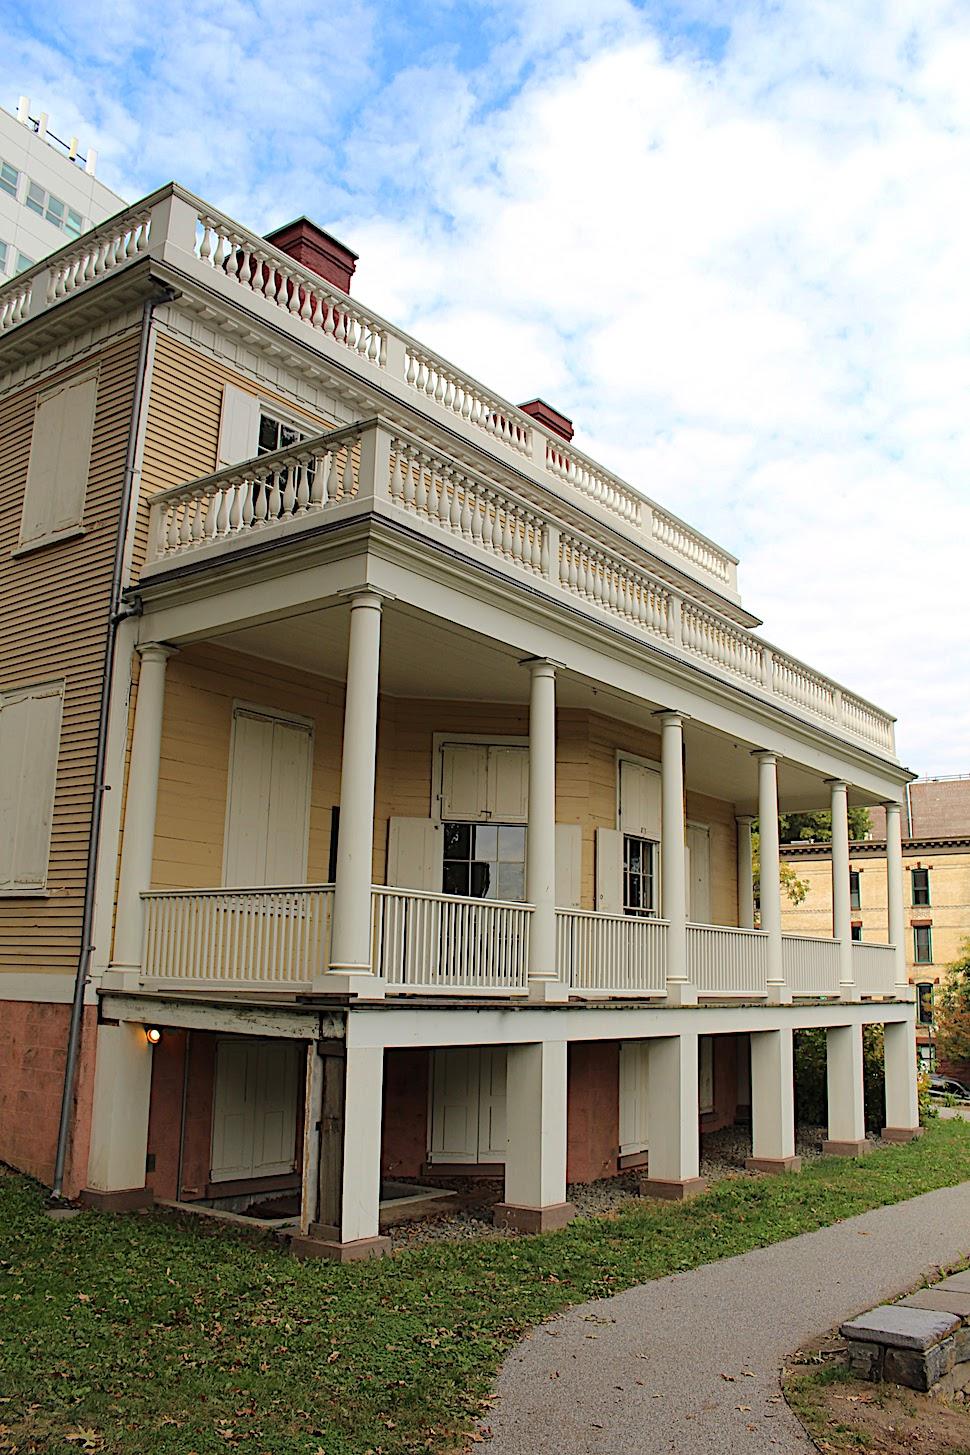 Hamilton Grange